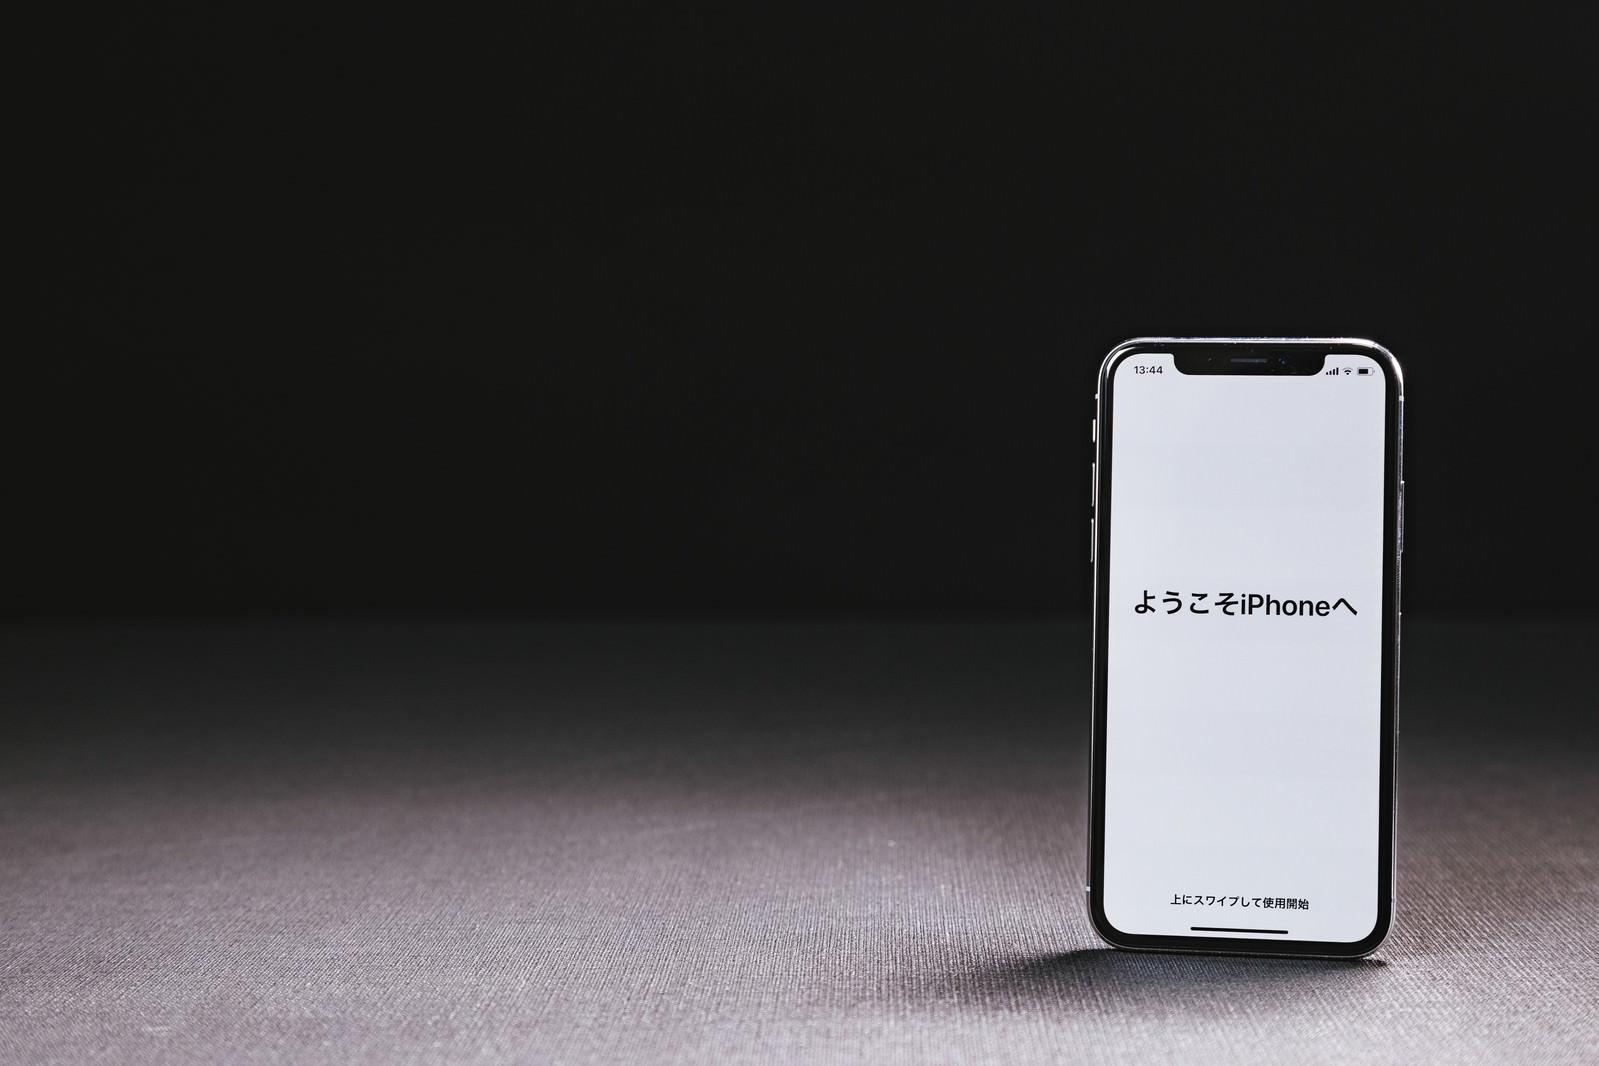 「iPhone X のようこそ画面(セットアップ)」の写真